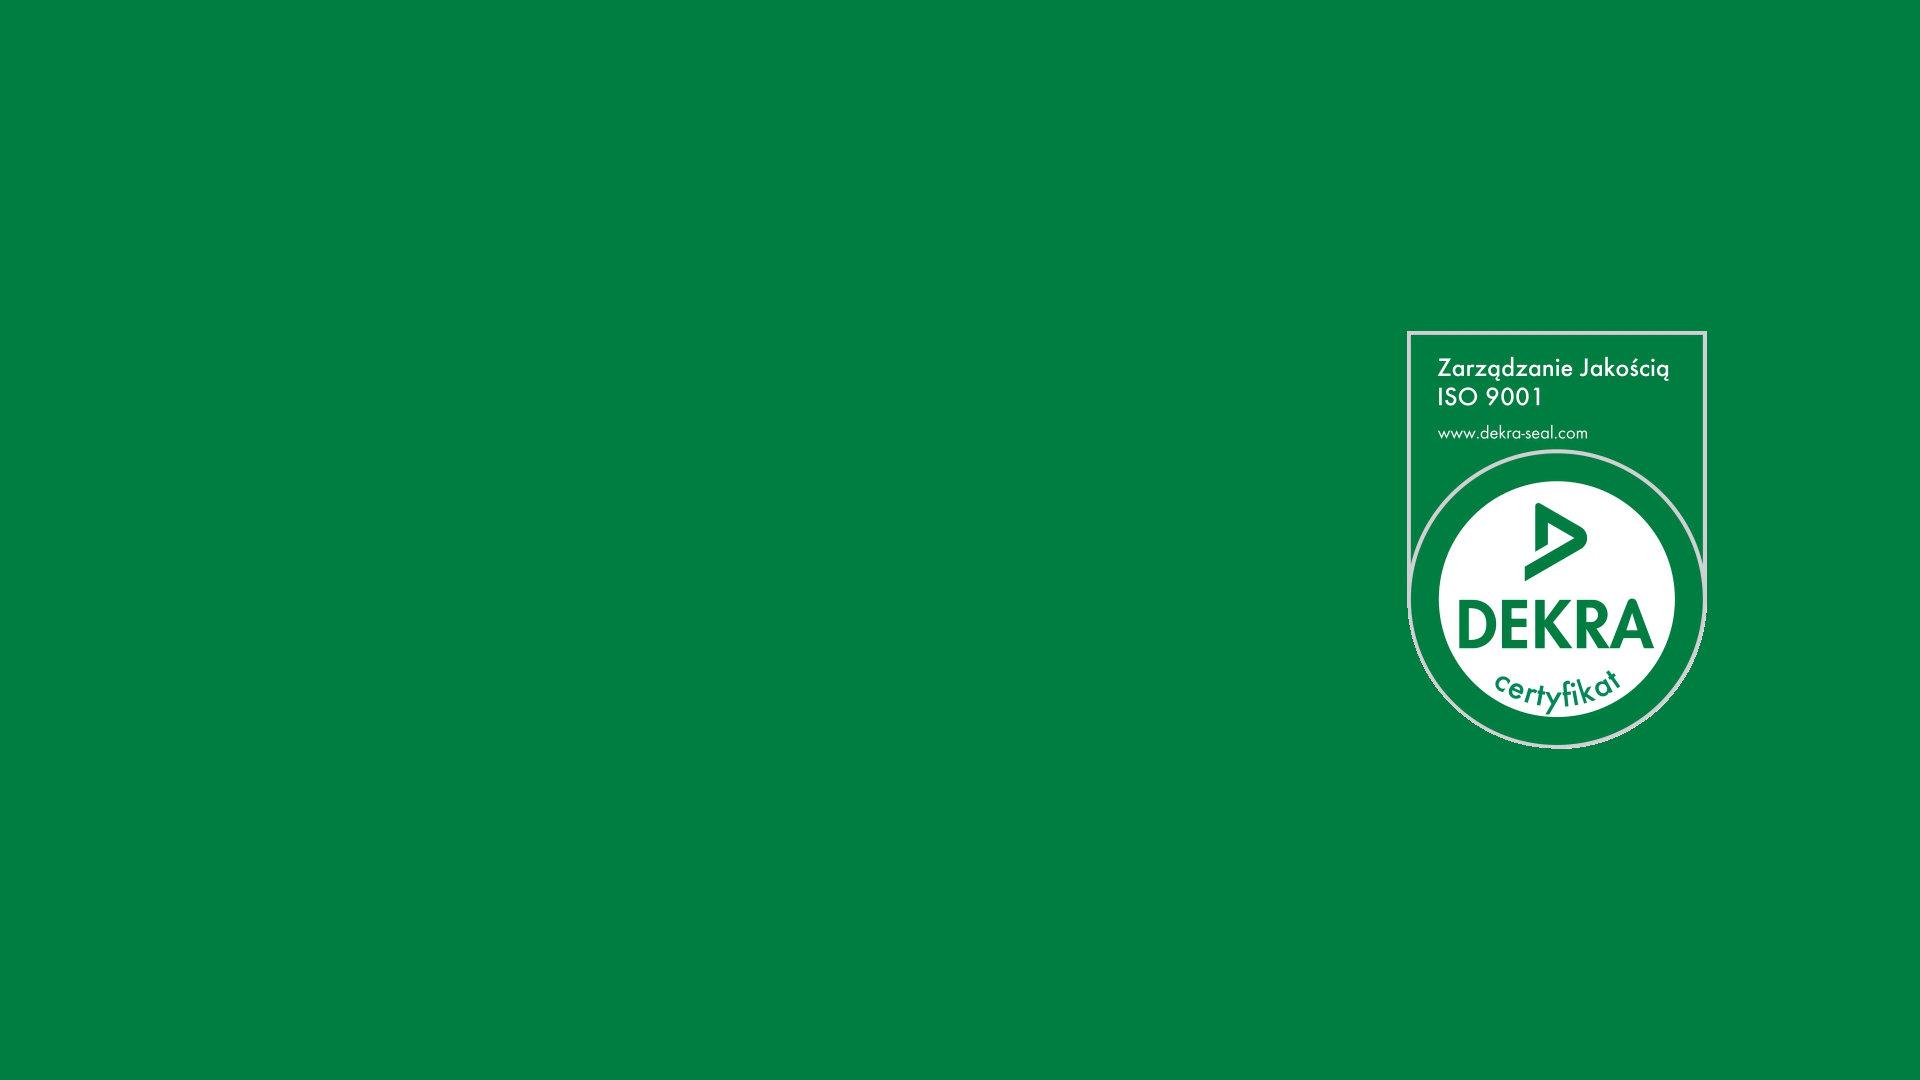 Logo Certyfikatu DEKRA przyznanego firmie Luxon LED